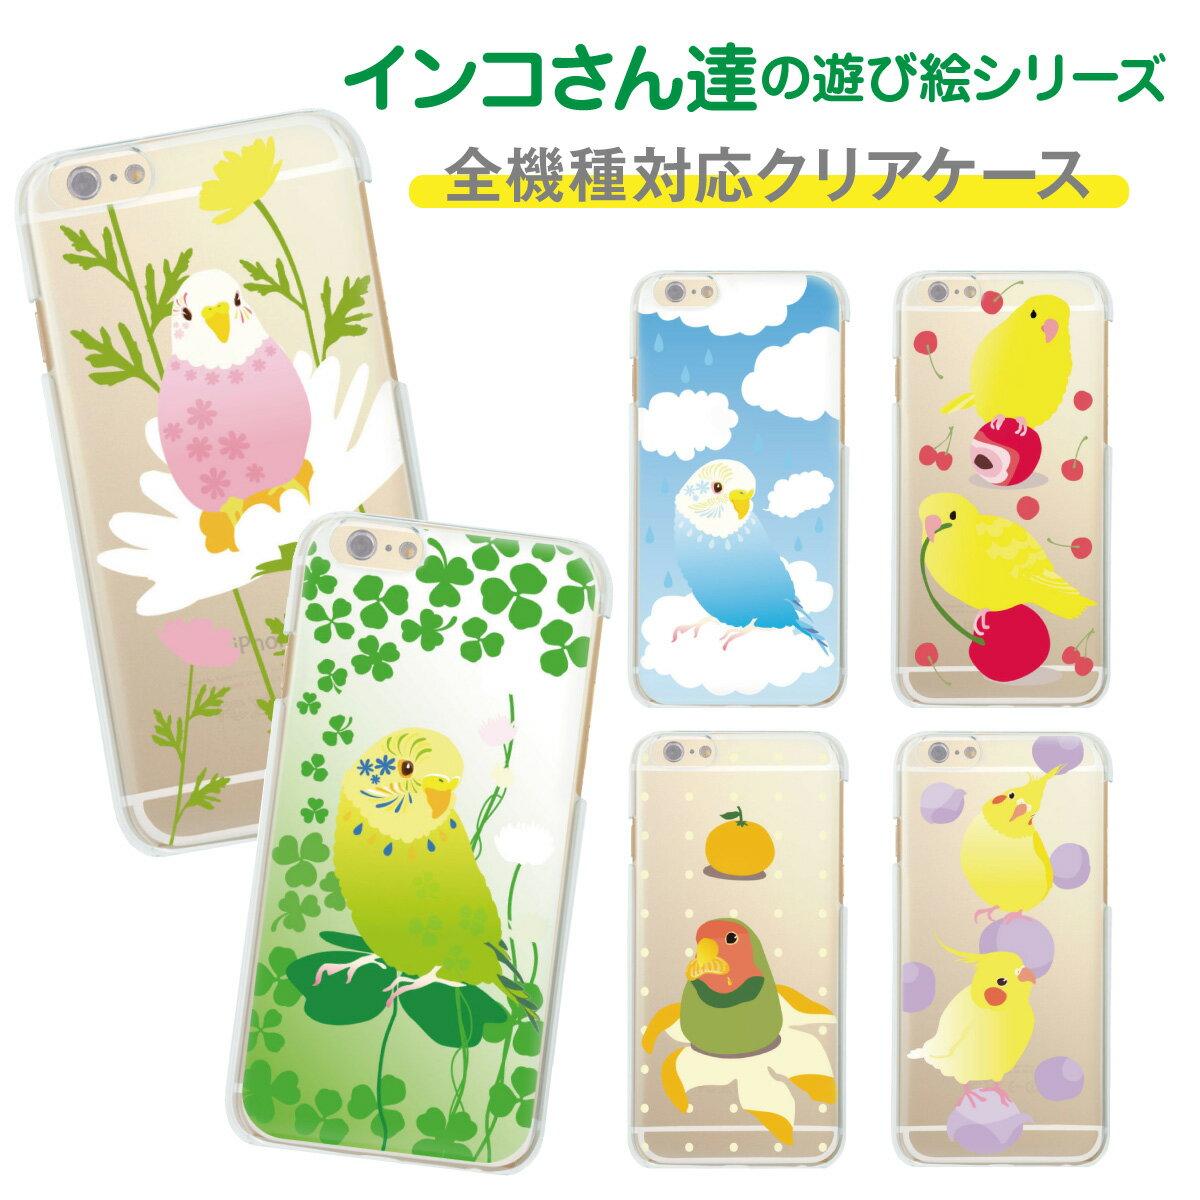 スマホケース 全機種対応 ケース カバー ハードケース クリアケース iPhoneXS Max iPhoneXR iPhoneX iPhone8 Plus iPhone7 iPhone6s iPhone6 Plus iPhone SE 5s Xperia XZ2 XZ1 XZ XZs SO-05K SO-03K aquos R2 R SH-03K galaxy S9 S8 インコ yoshino iphone 38-zen-05